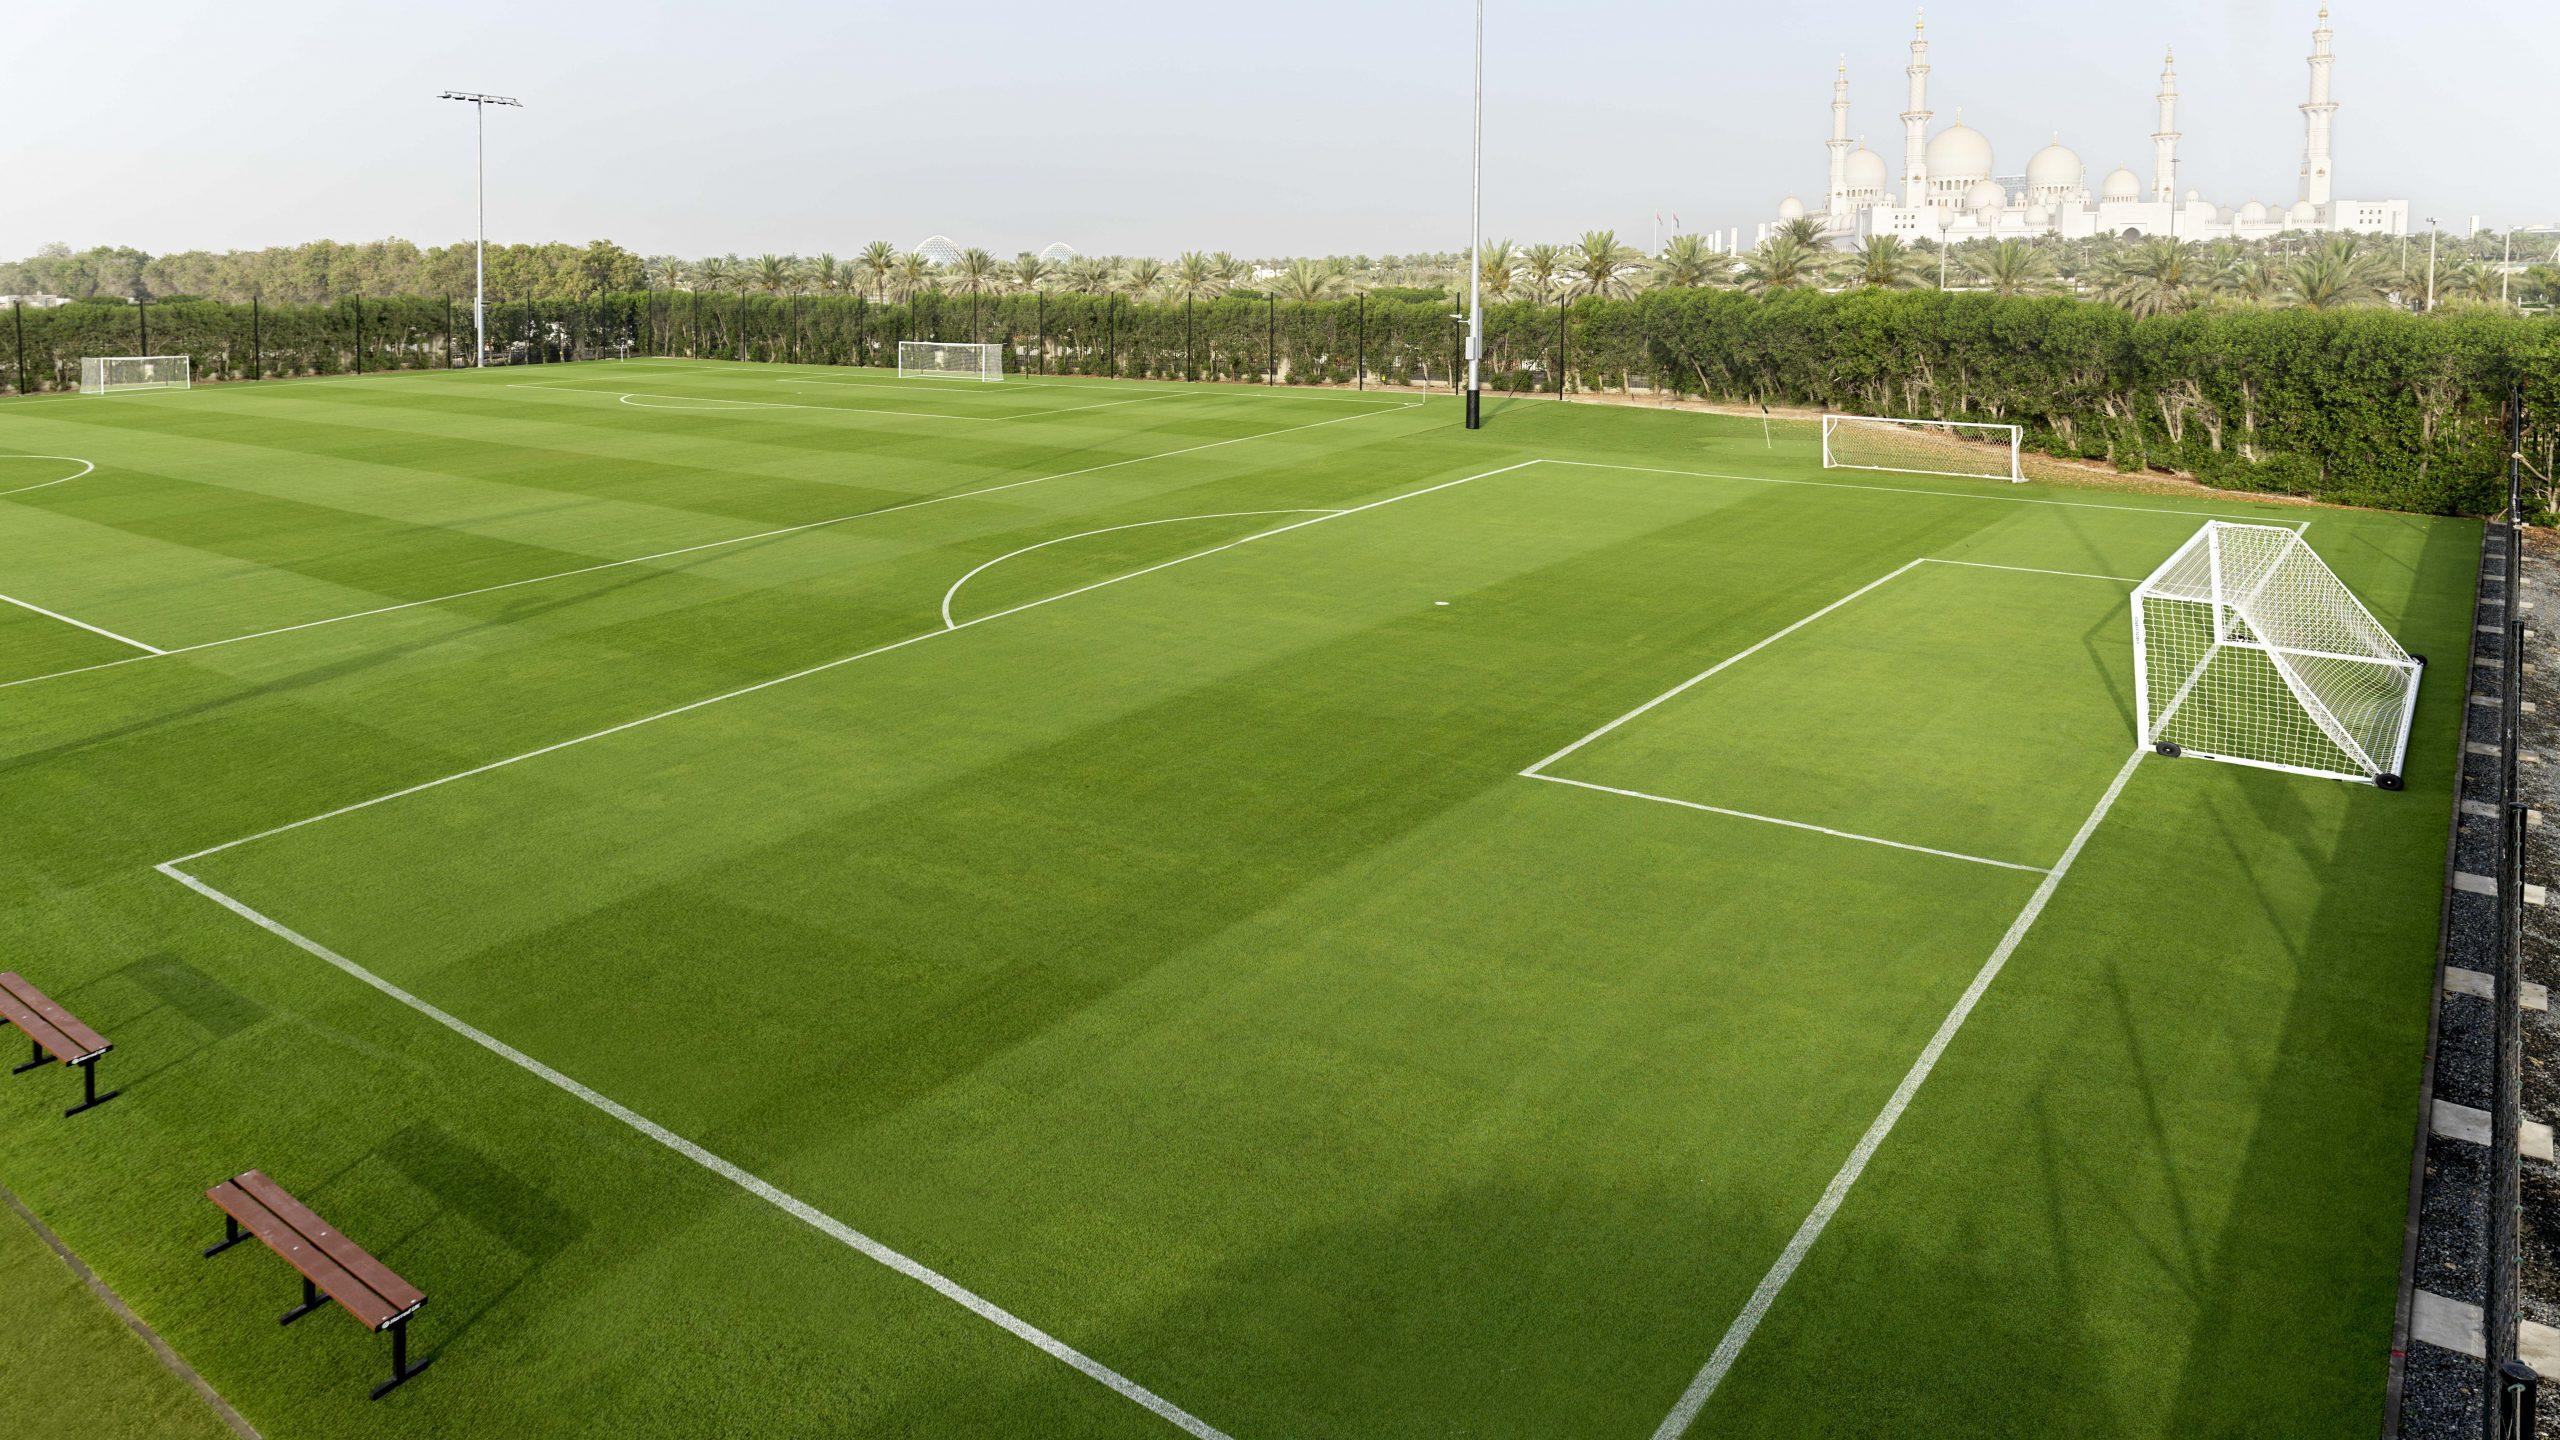 ملعبٍ جديد لكرة القدم